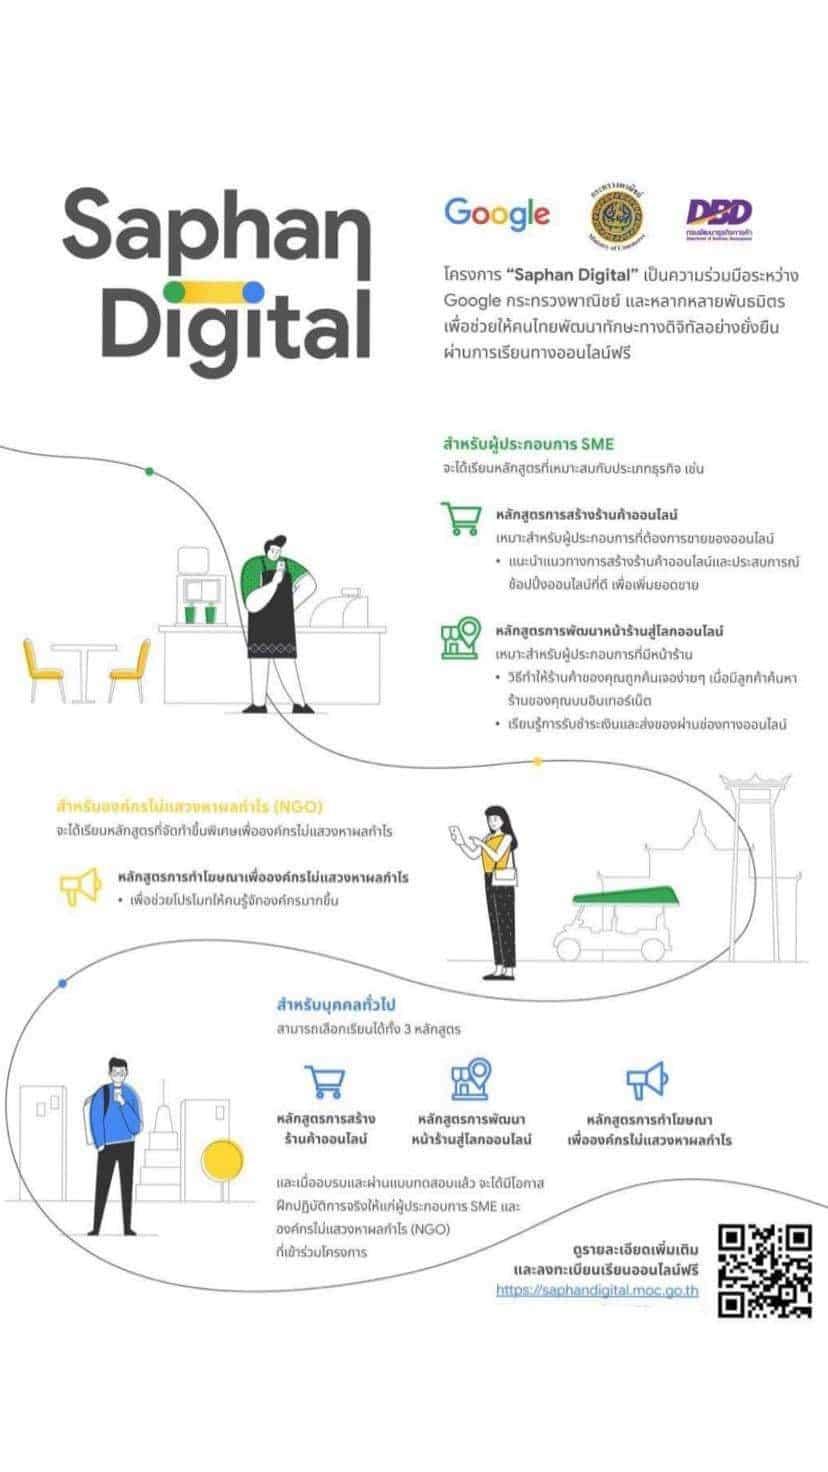 """เรียนออนไลน์ฟรี โดย Google ร่วมกับ กระทรวงพานิชย์ """"โครงการ Saphan Digital รอบ 2"""" เรียนจบรับใบประกาศนียบัตร ฟรี!!!"""